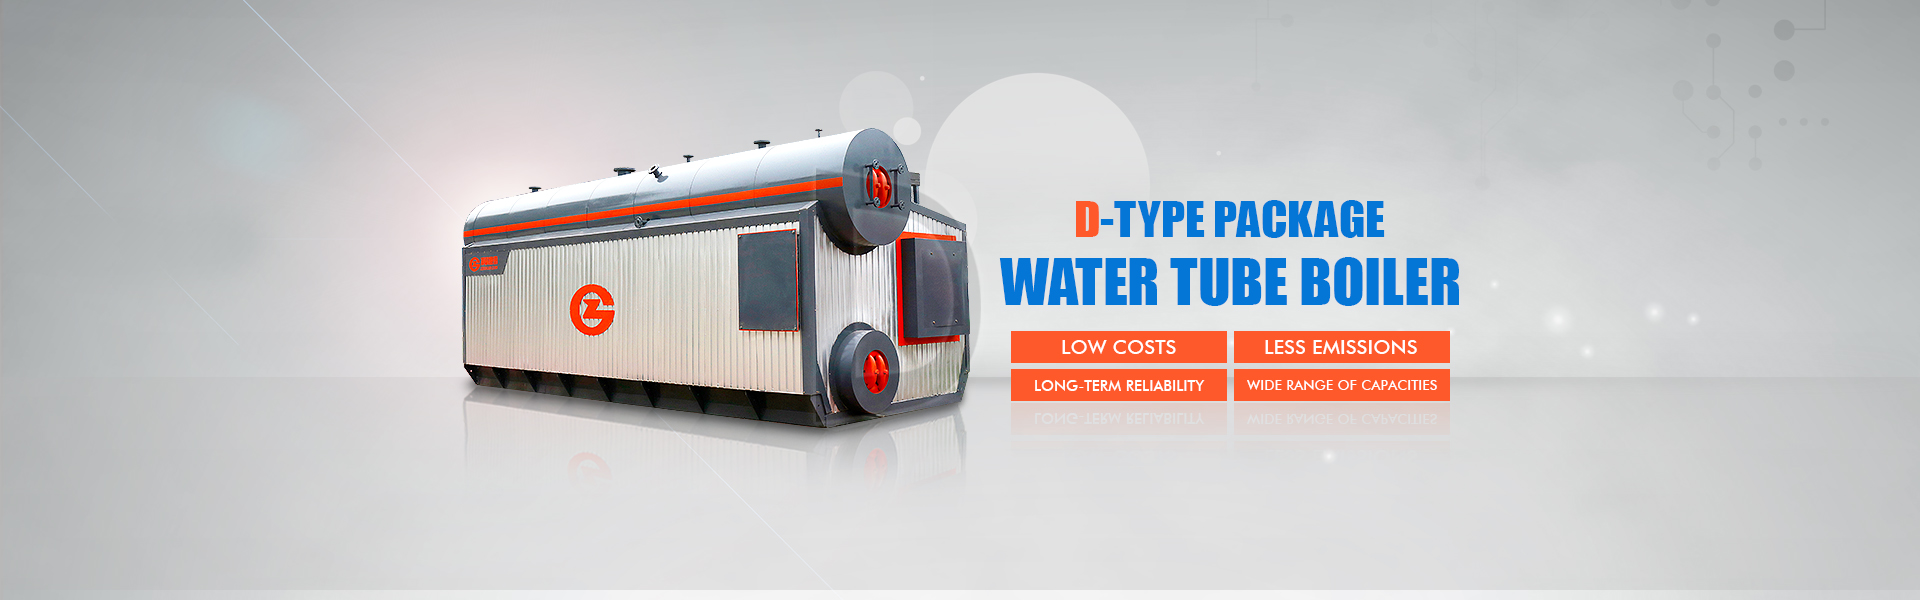 Water Tube Boiler Operation ~ Water tube boiler